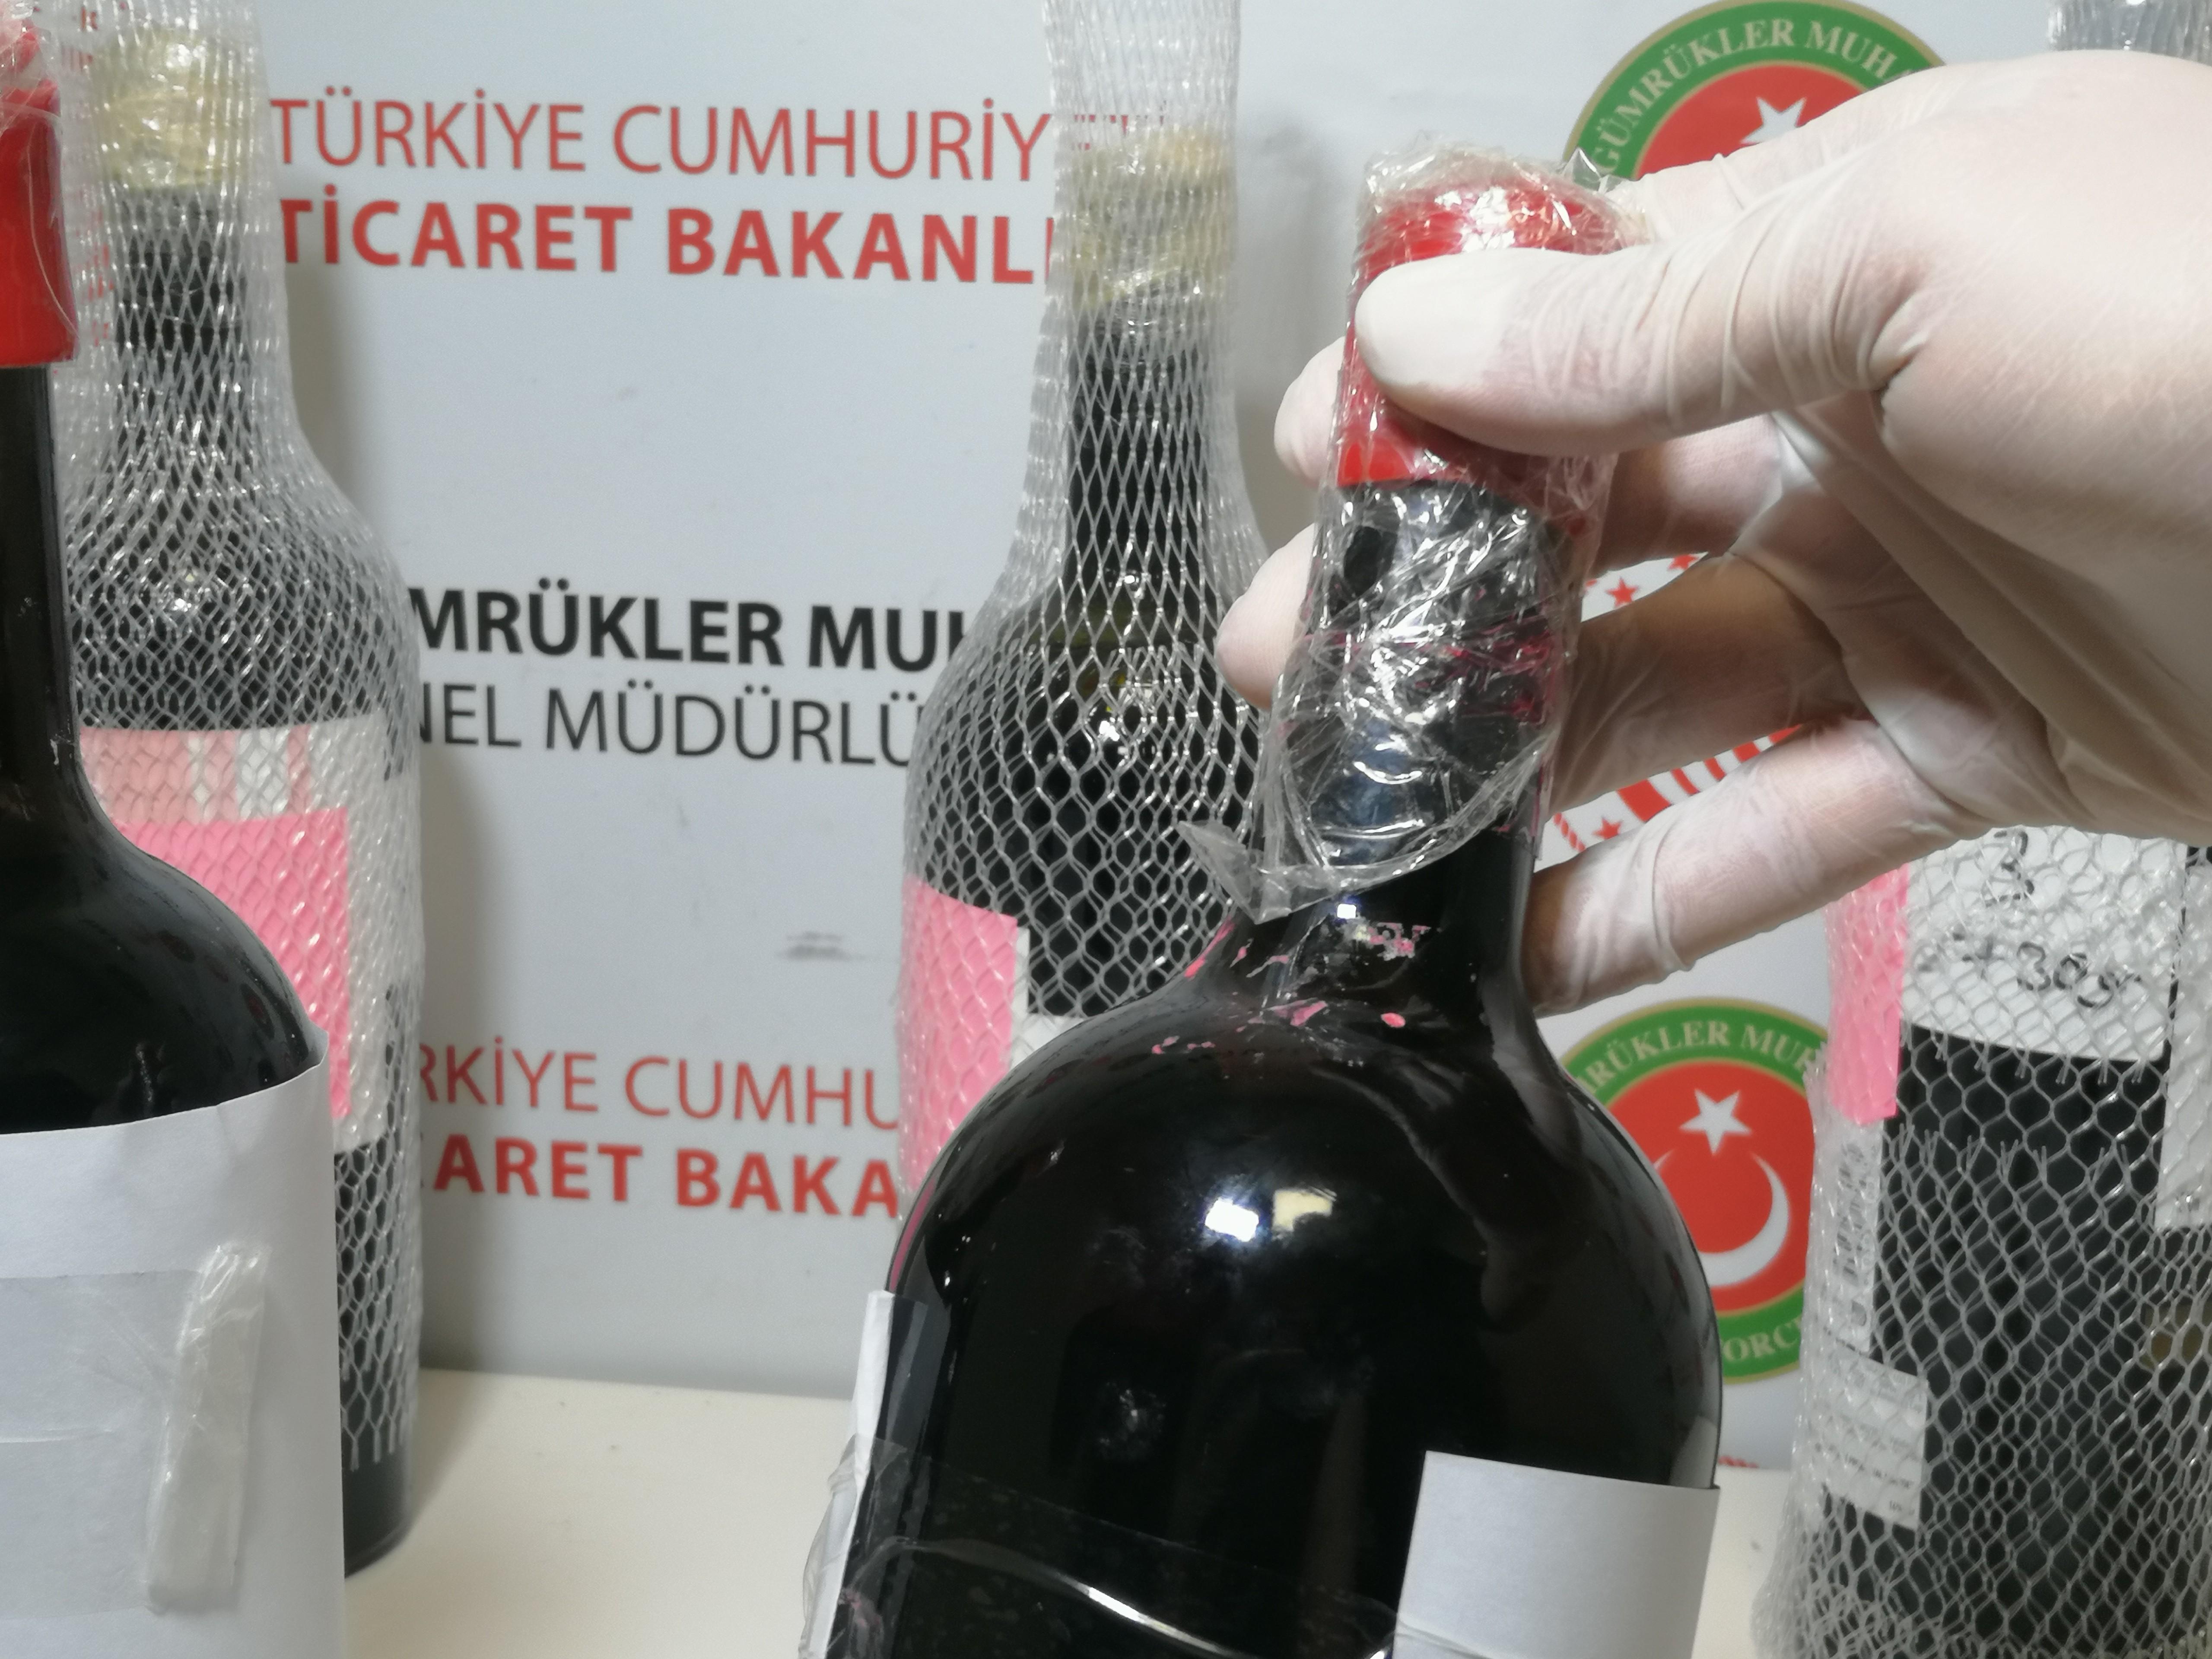 Sıvı hale getirip şişeye koymuşlar! Polis ekipleri İstanbul Havalimanı'nda yakaladı